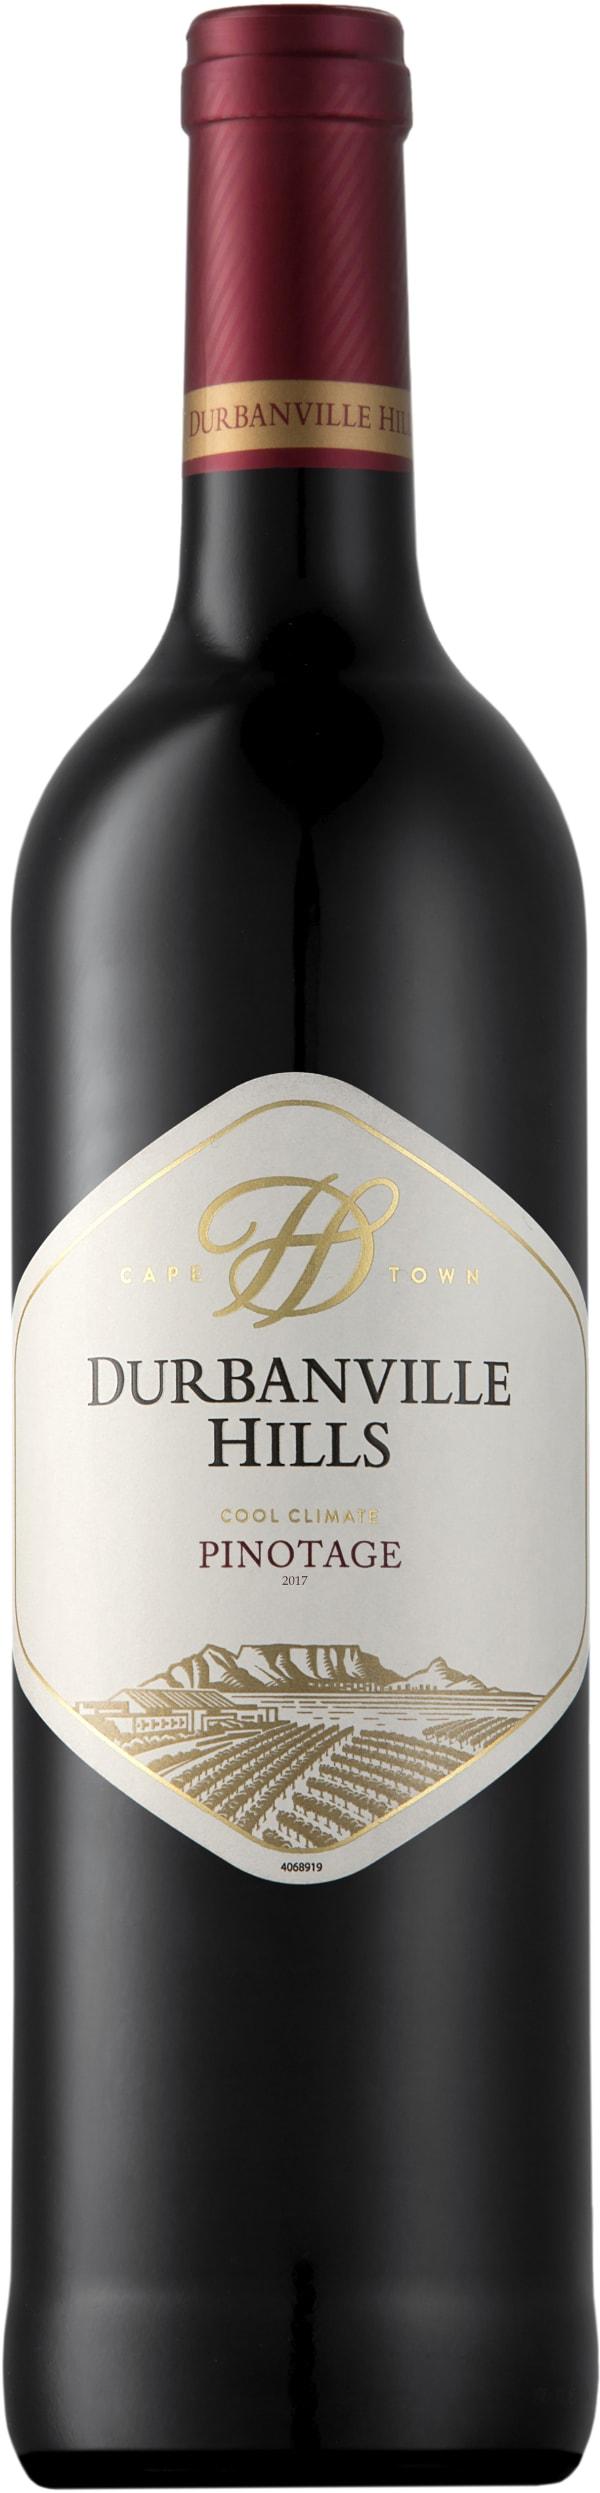 Durbanville Hills Pinotage 2017